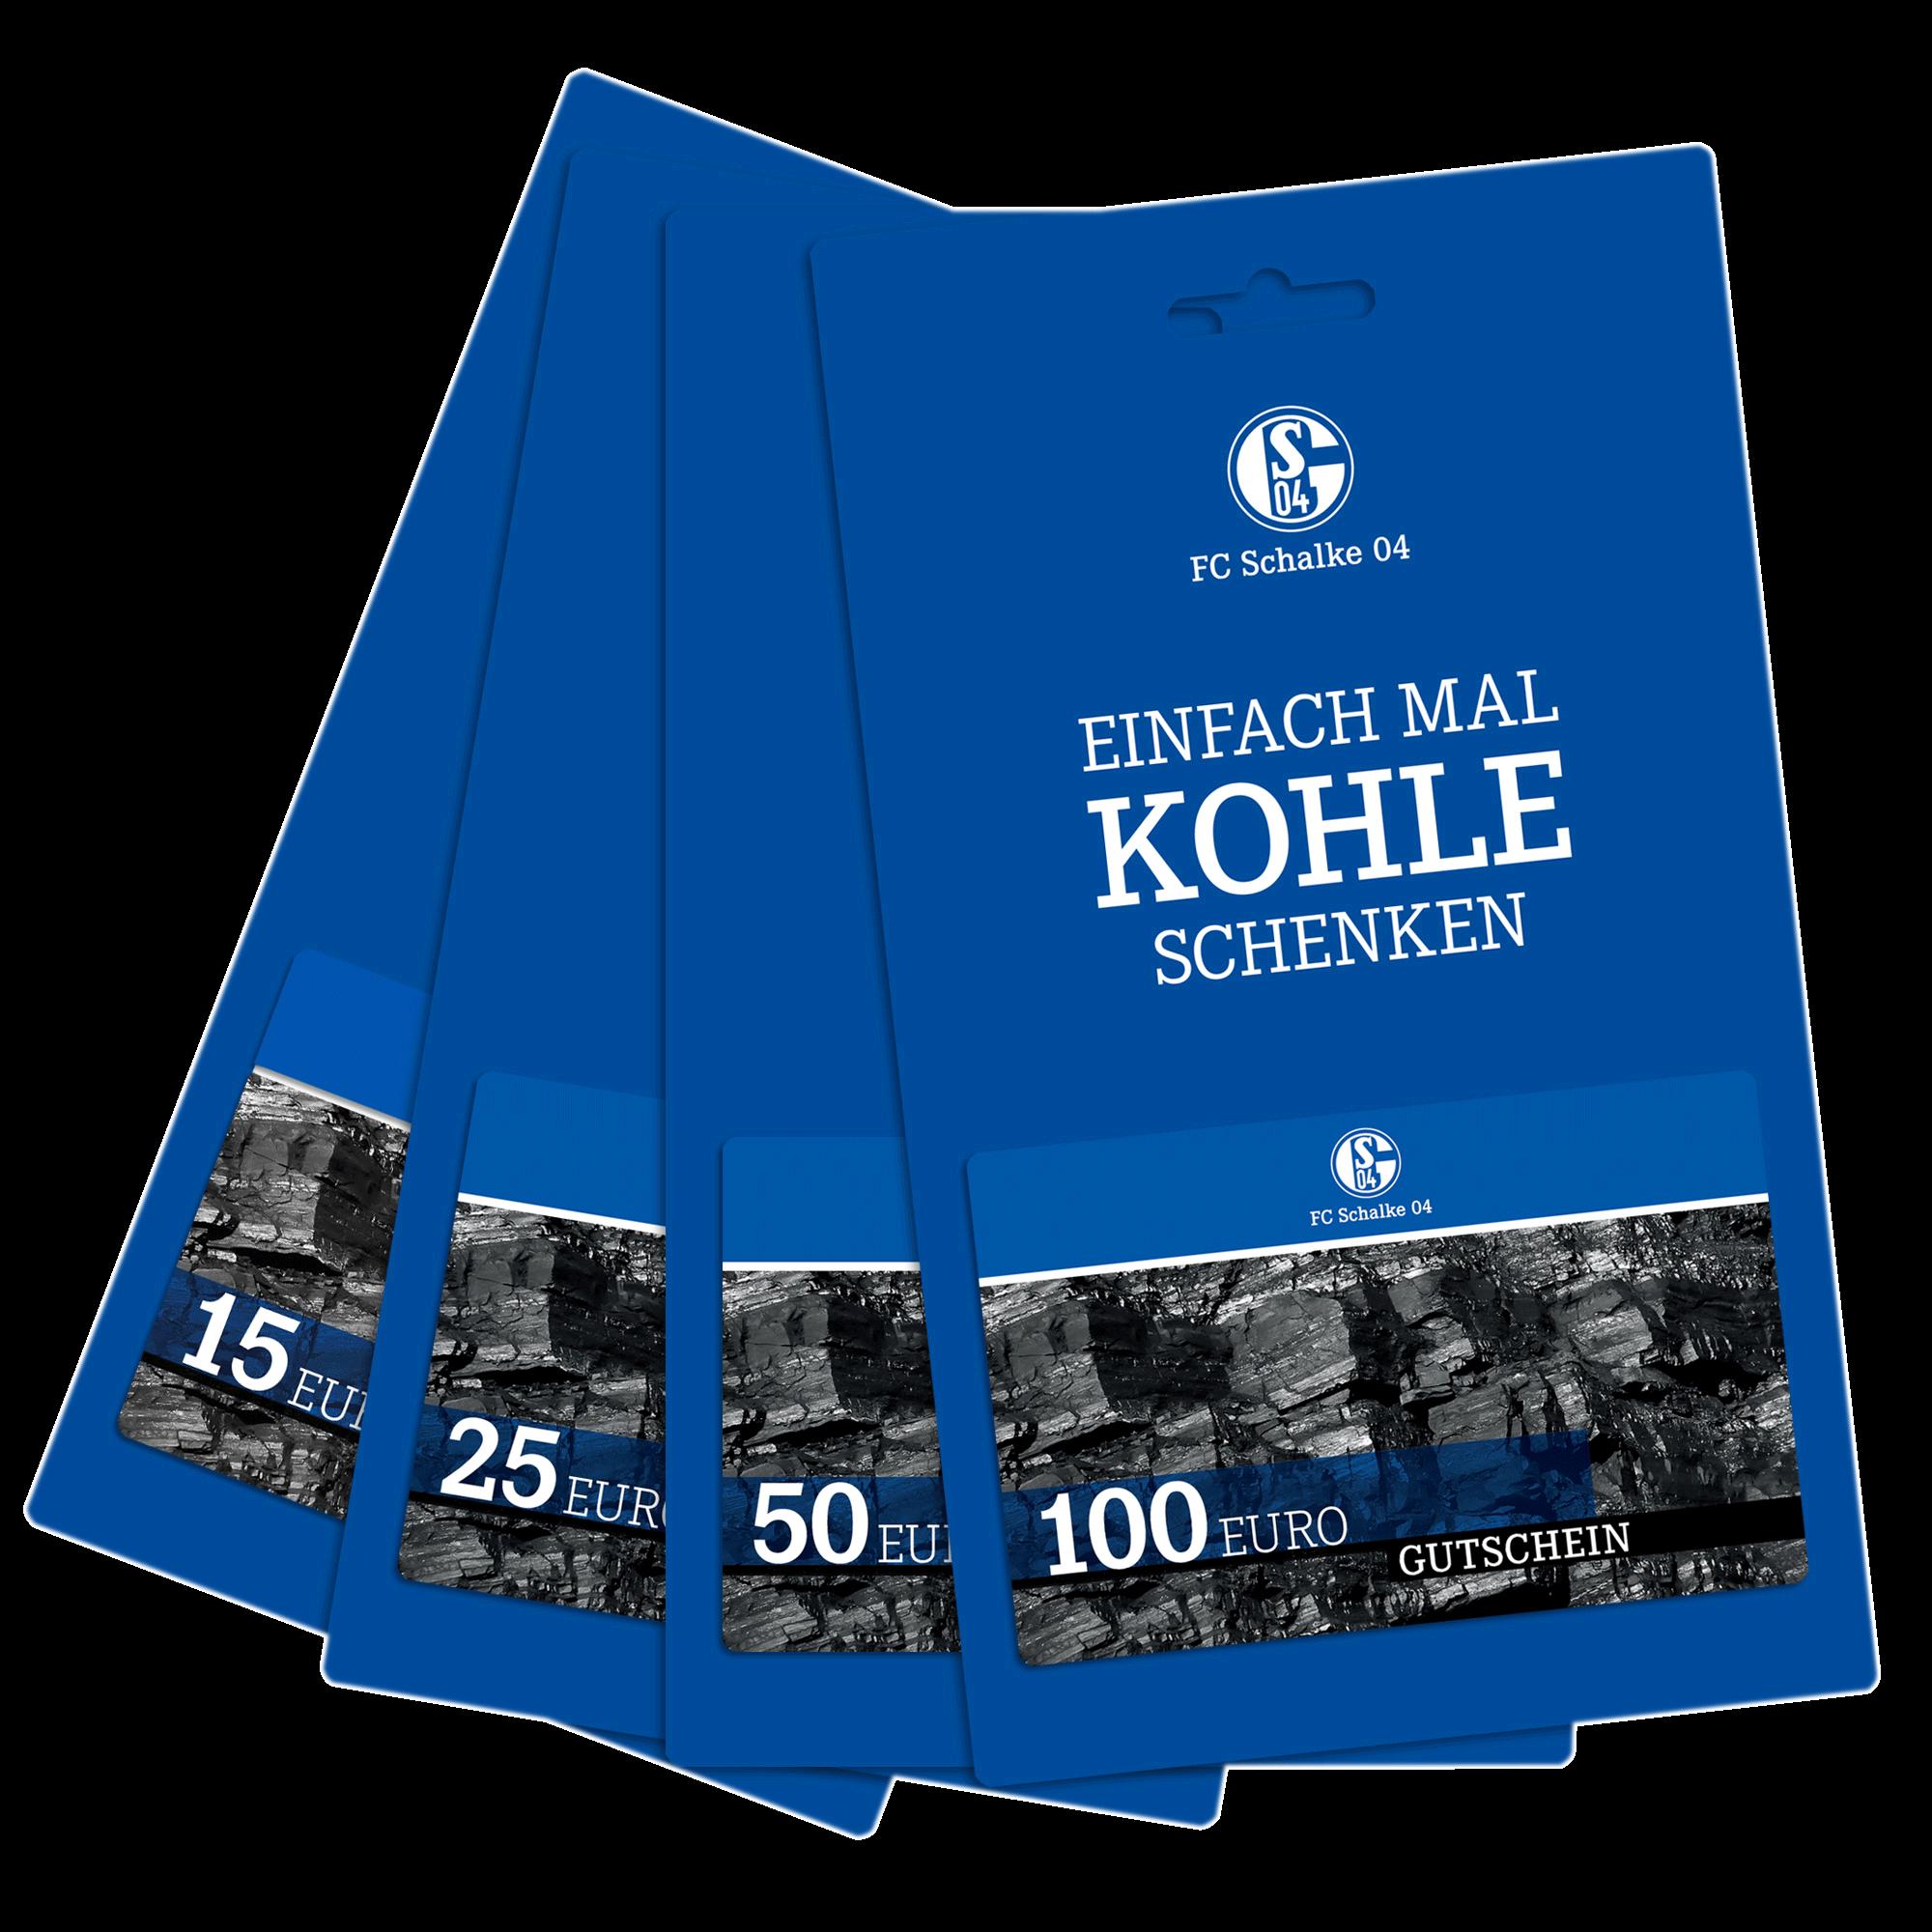 2 x Schalker Knappenkarten von ......Erwin